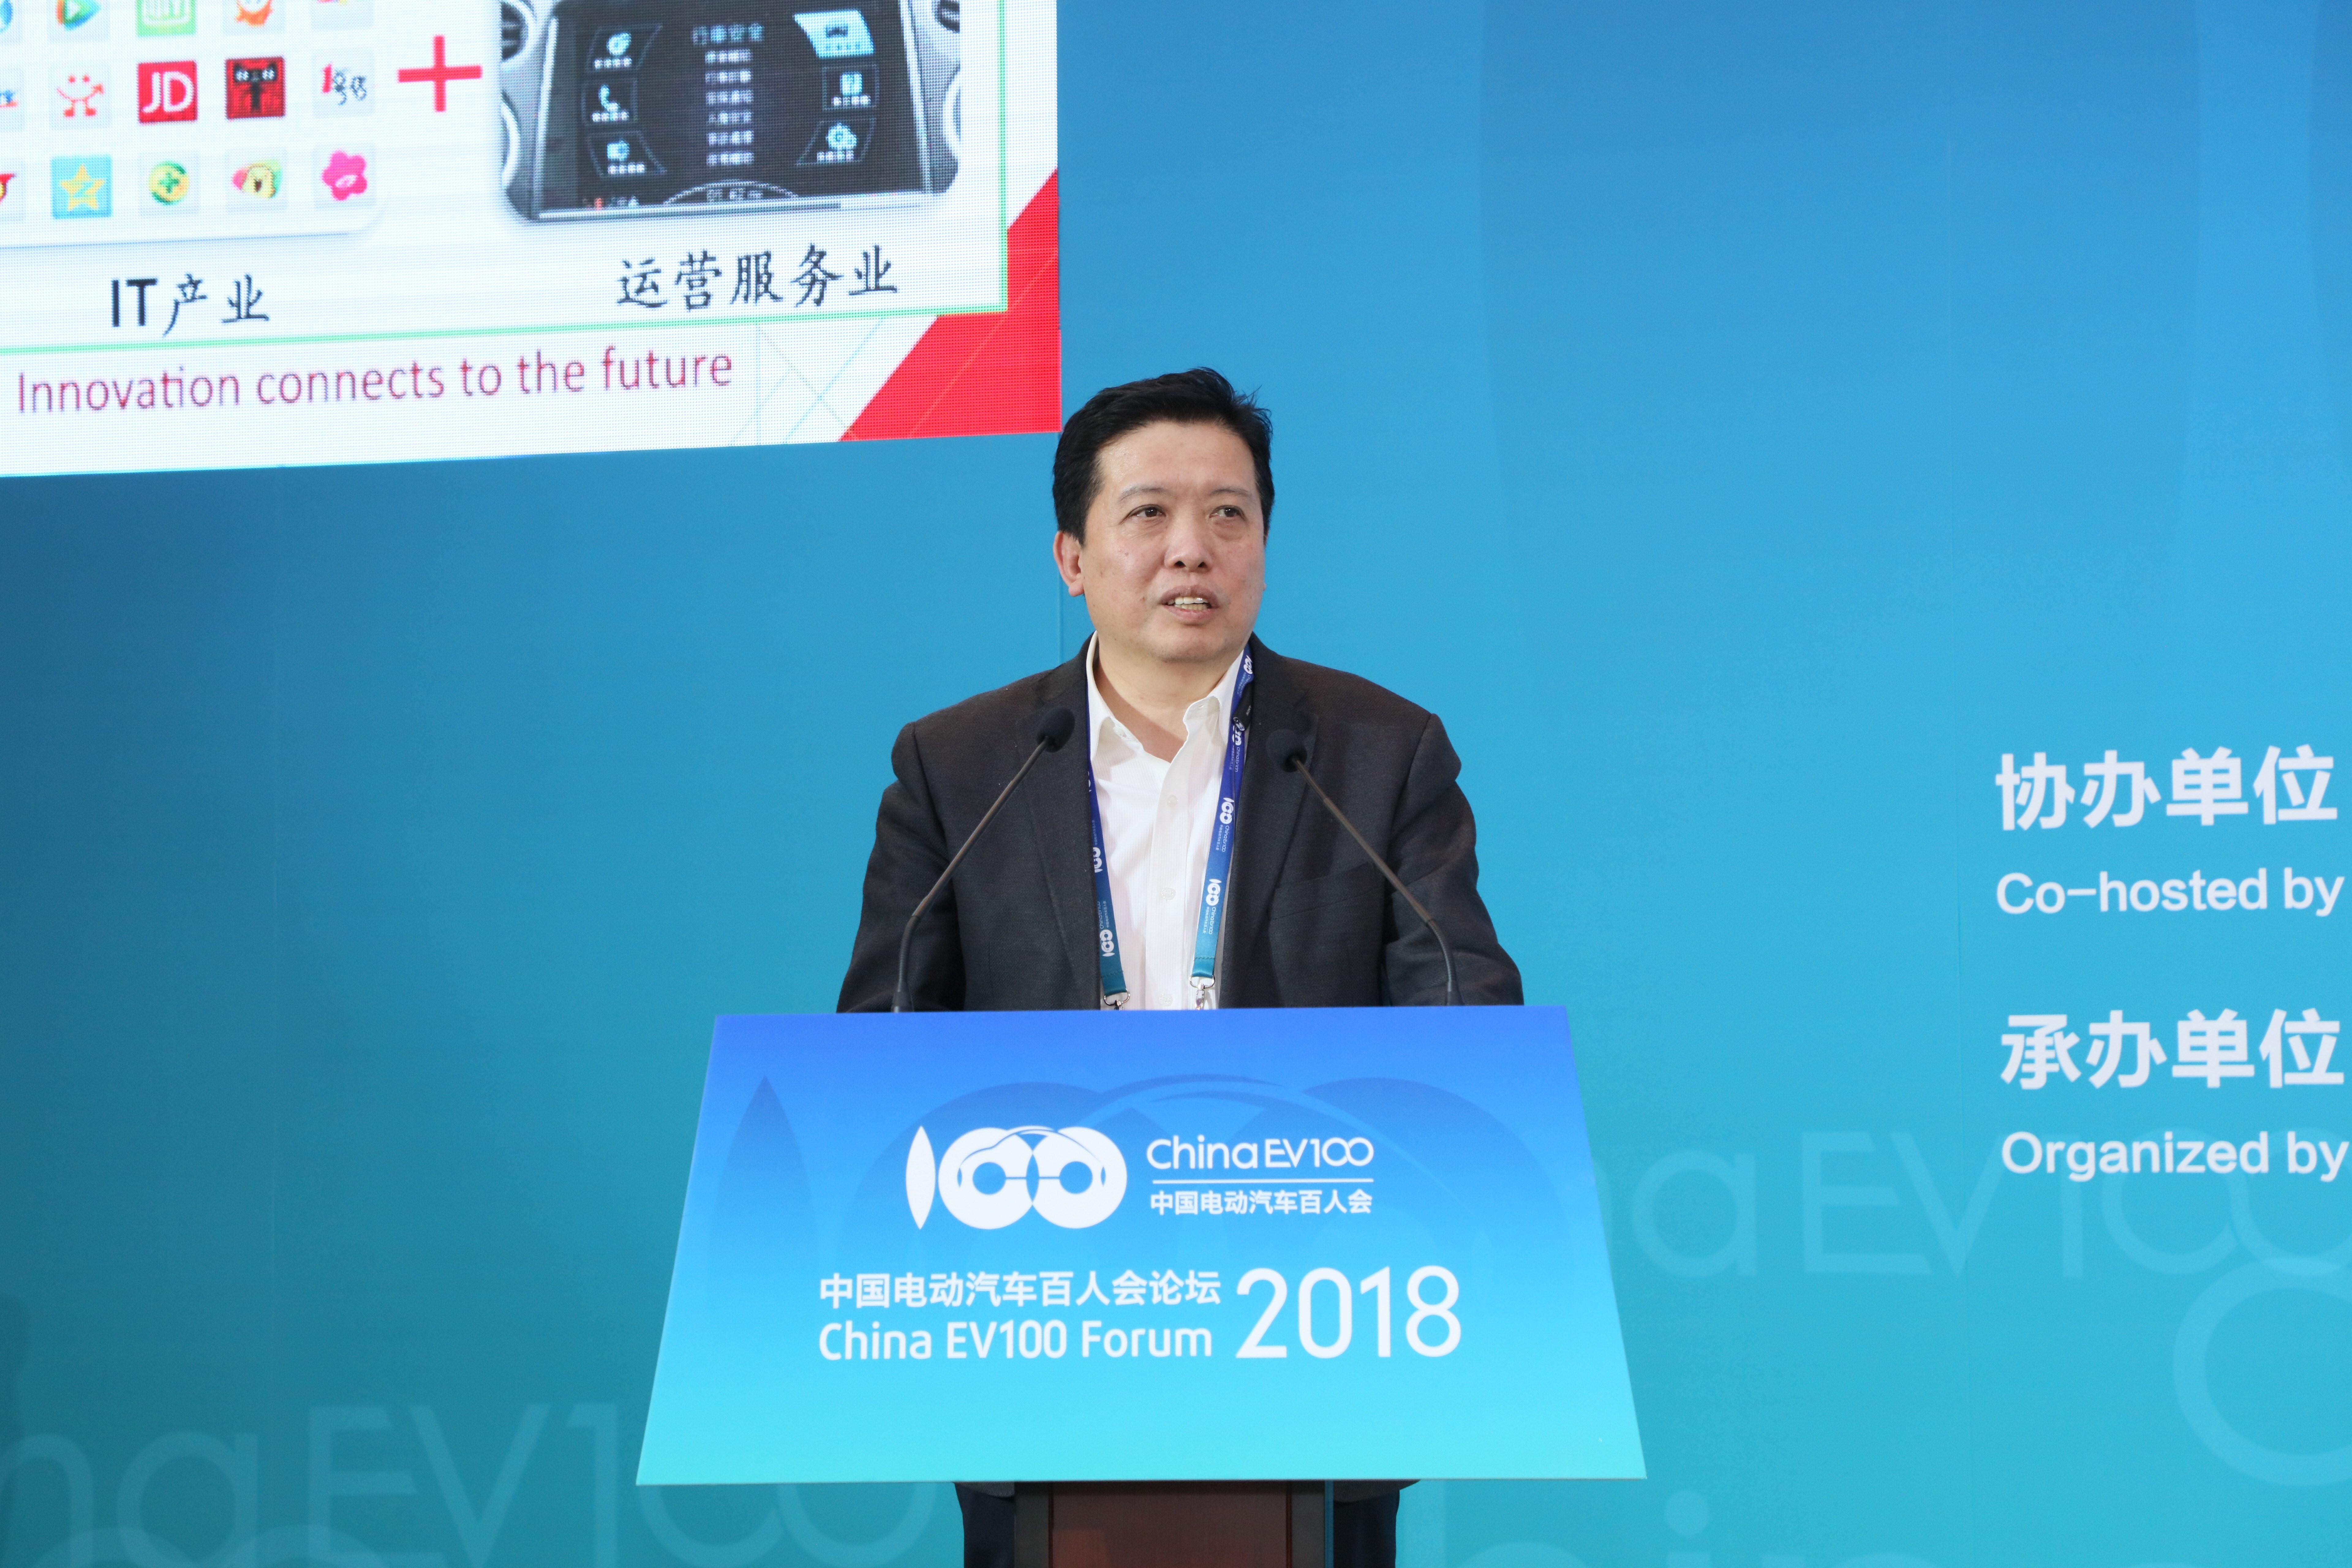 大唐电信王映民:跨业融合是汽车智能网联化的基本特点